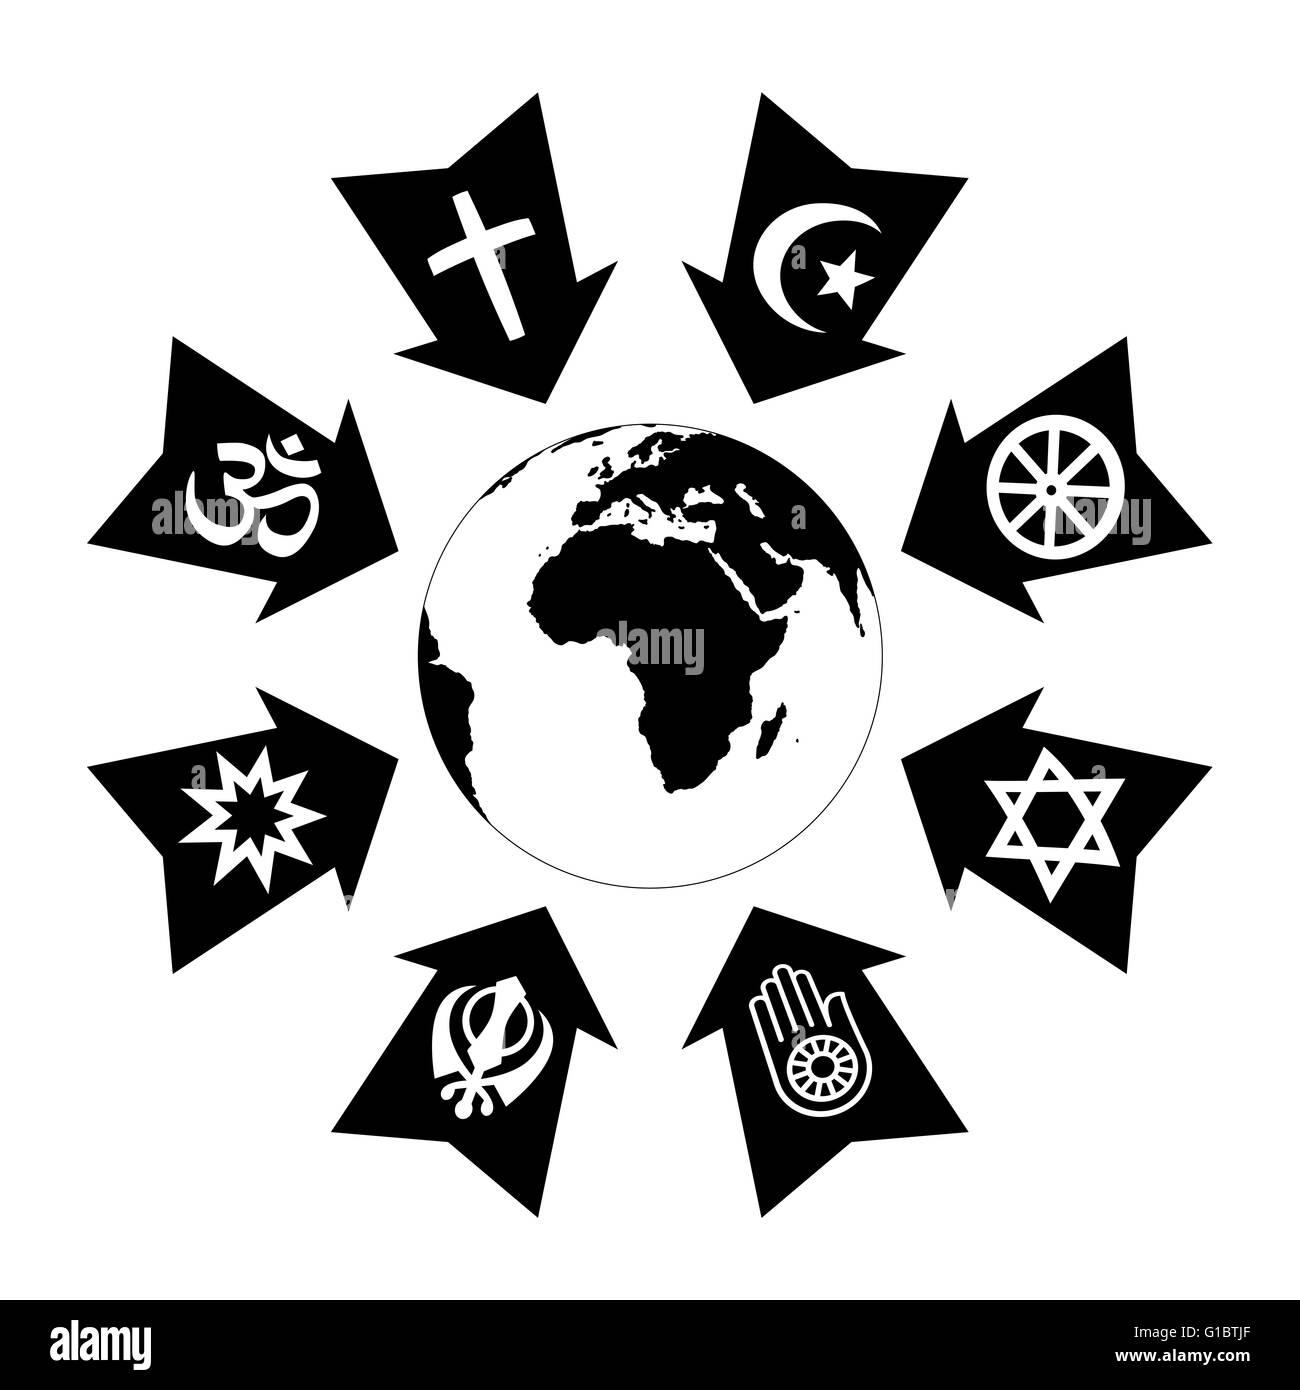 Presión, estrés y el hilo debido a la religión, representados como flechas negras con símbolos religiosos apuntando Foto de stock